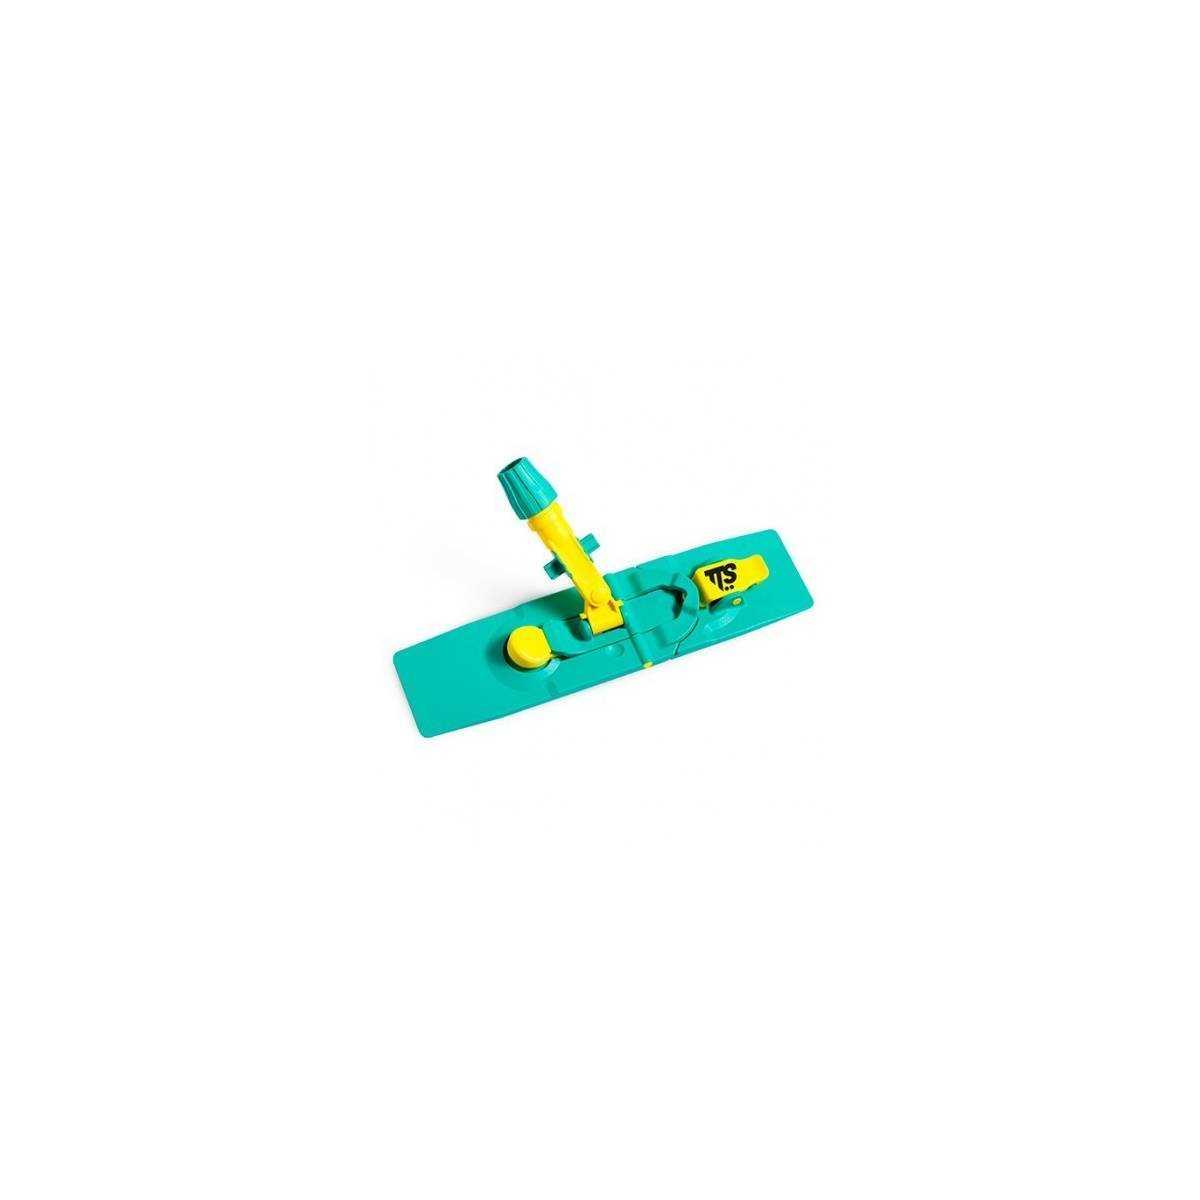 Основа Velcro с блокировкой 40см 0887Y TTS